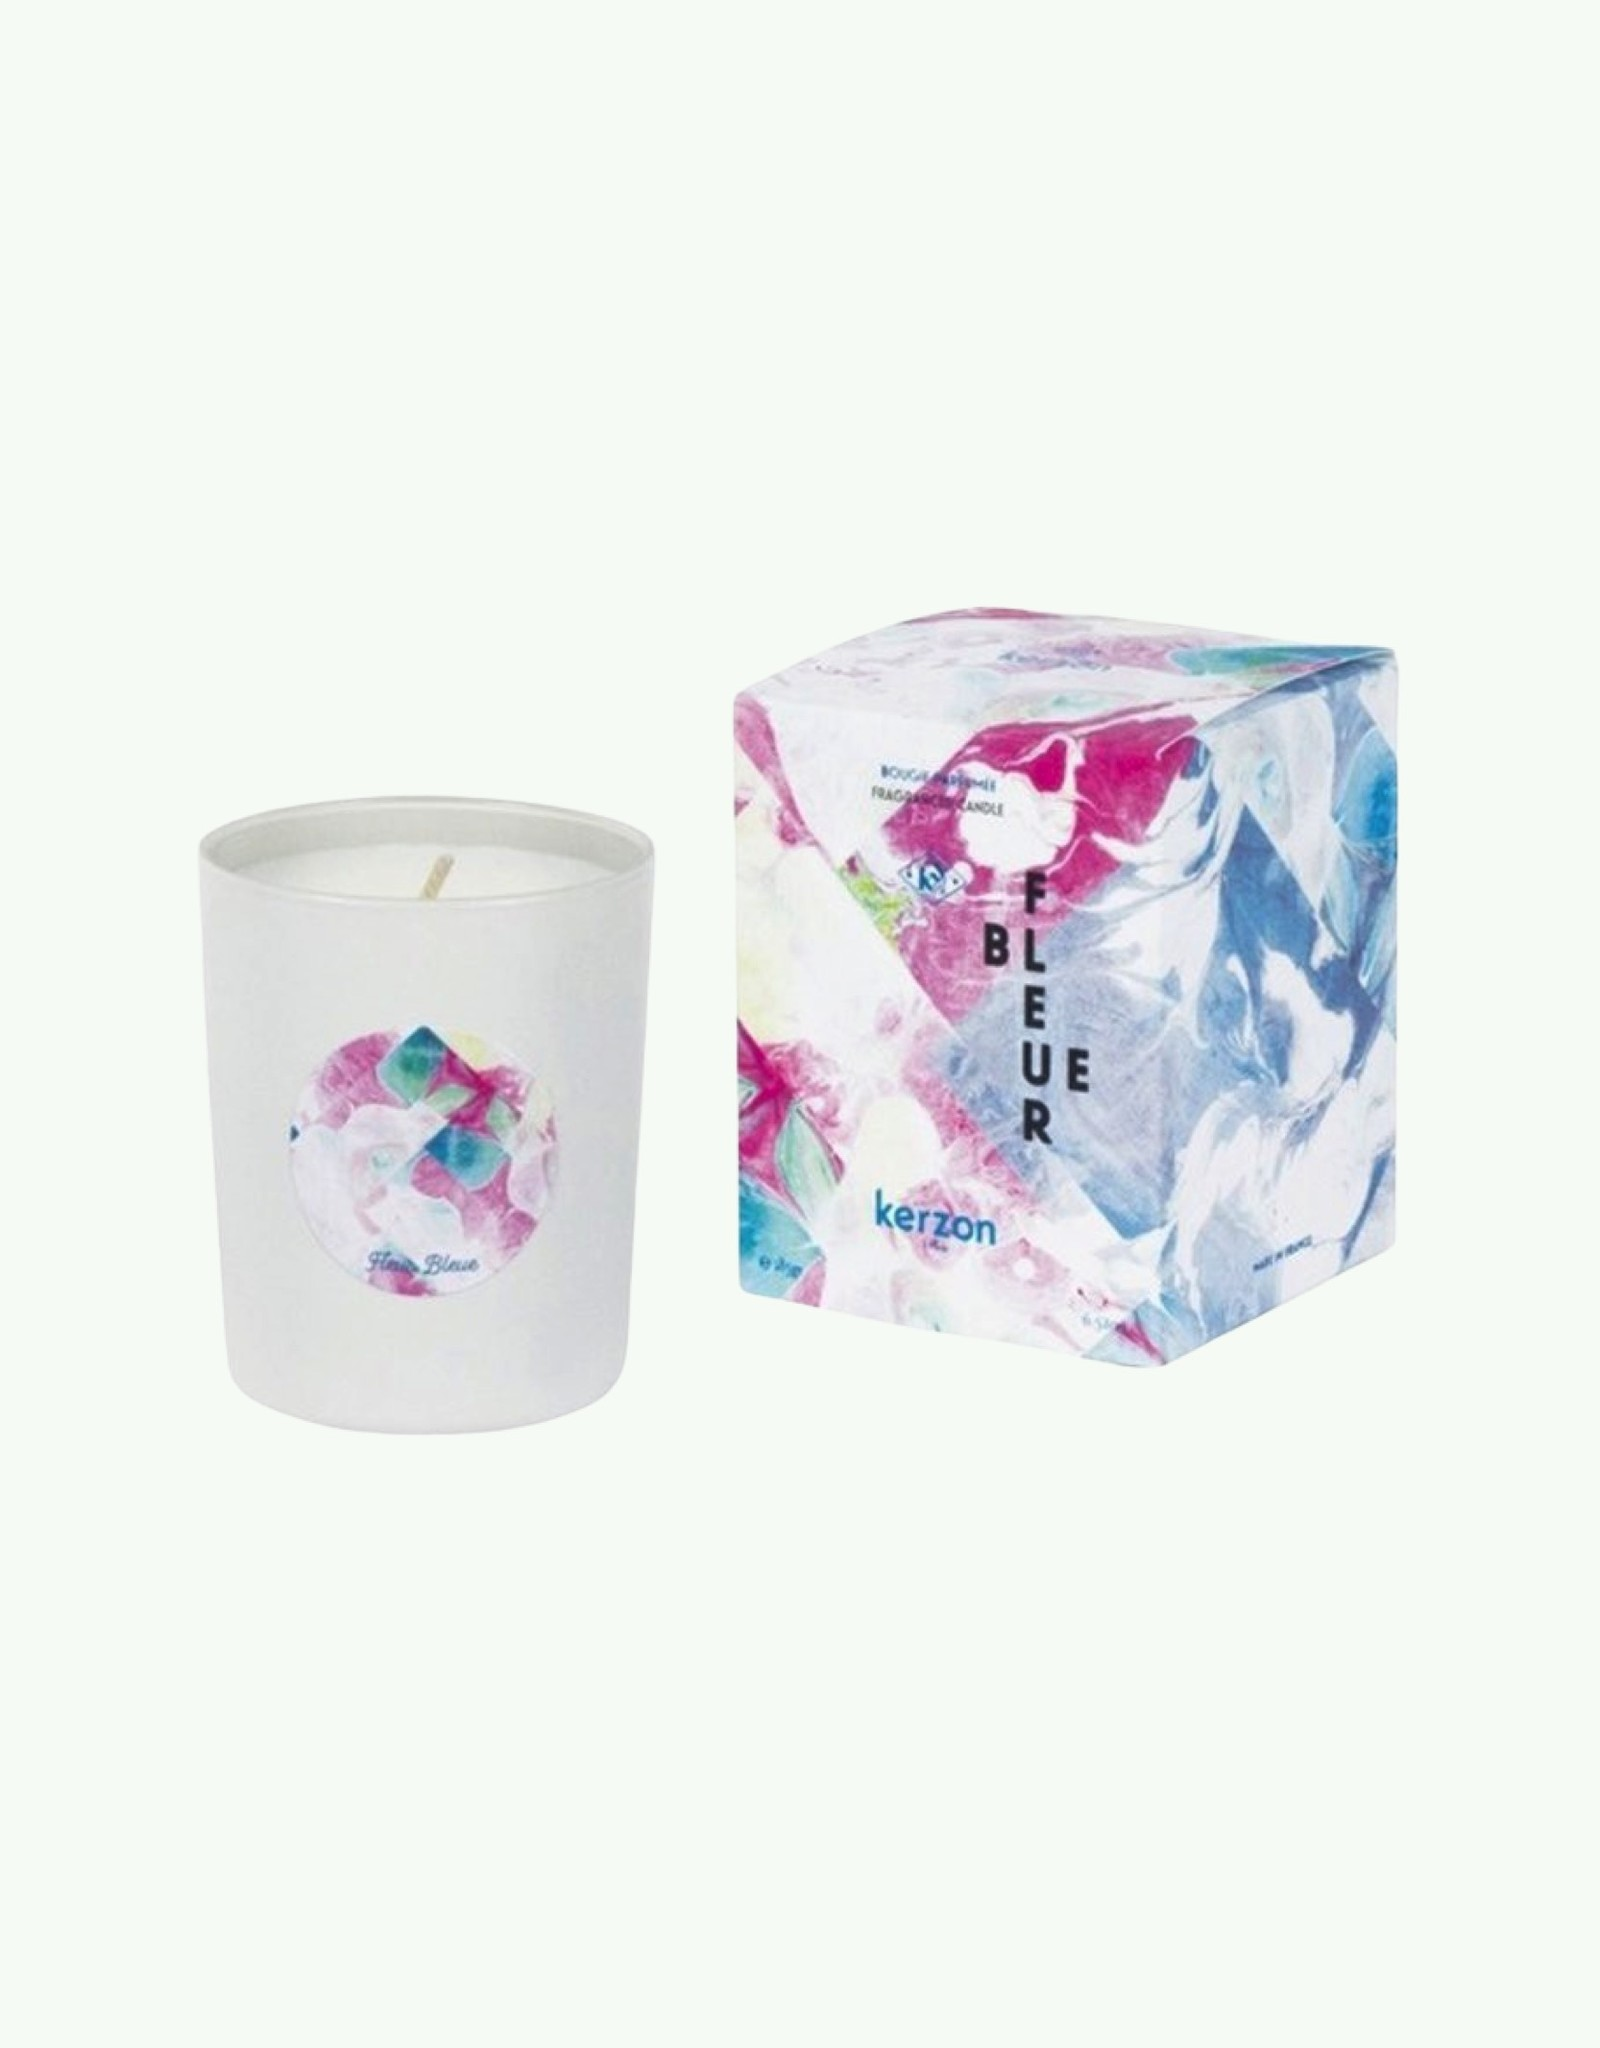 Kerzon Kerzon - Fleur Bleue - Scented Candle